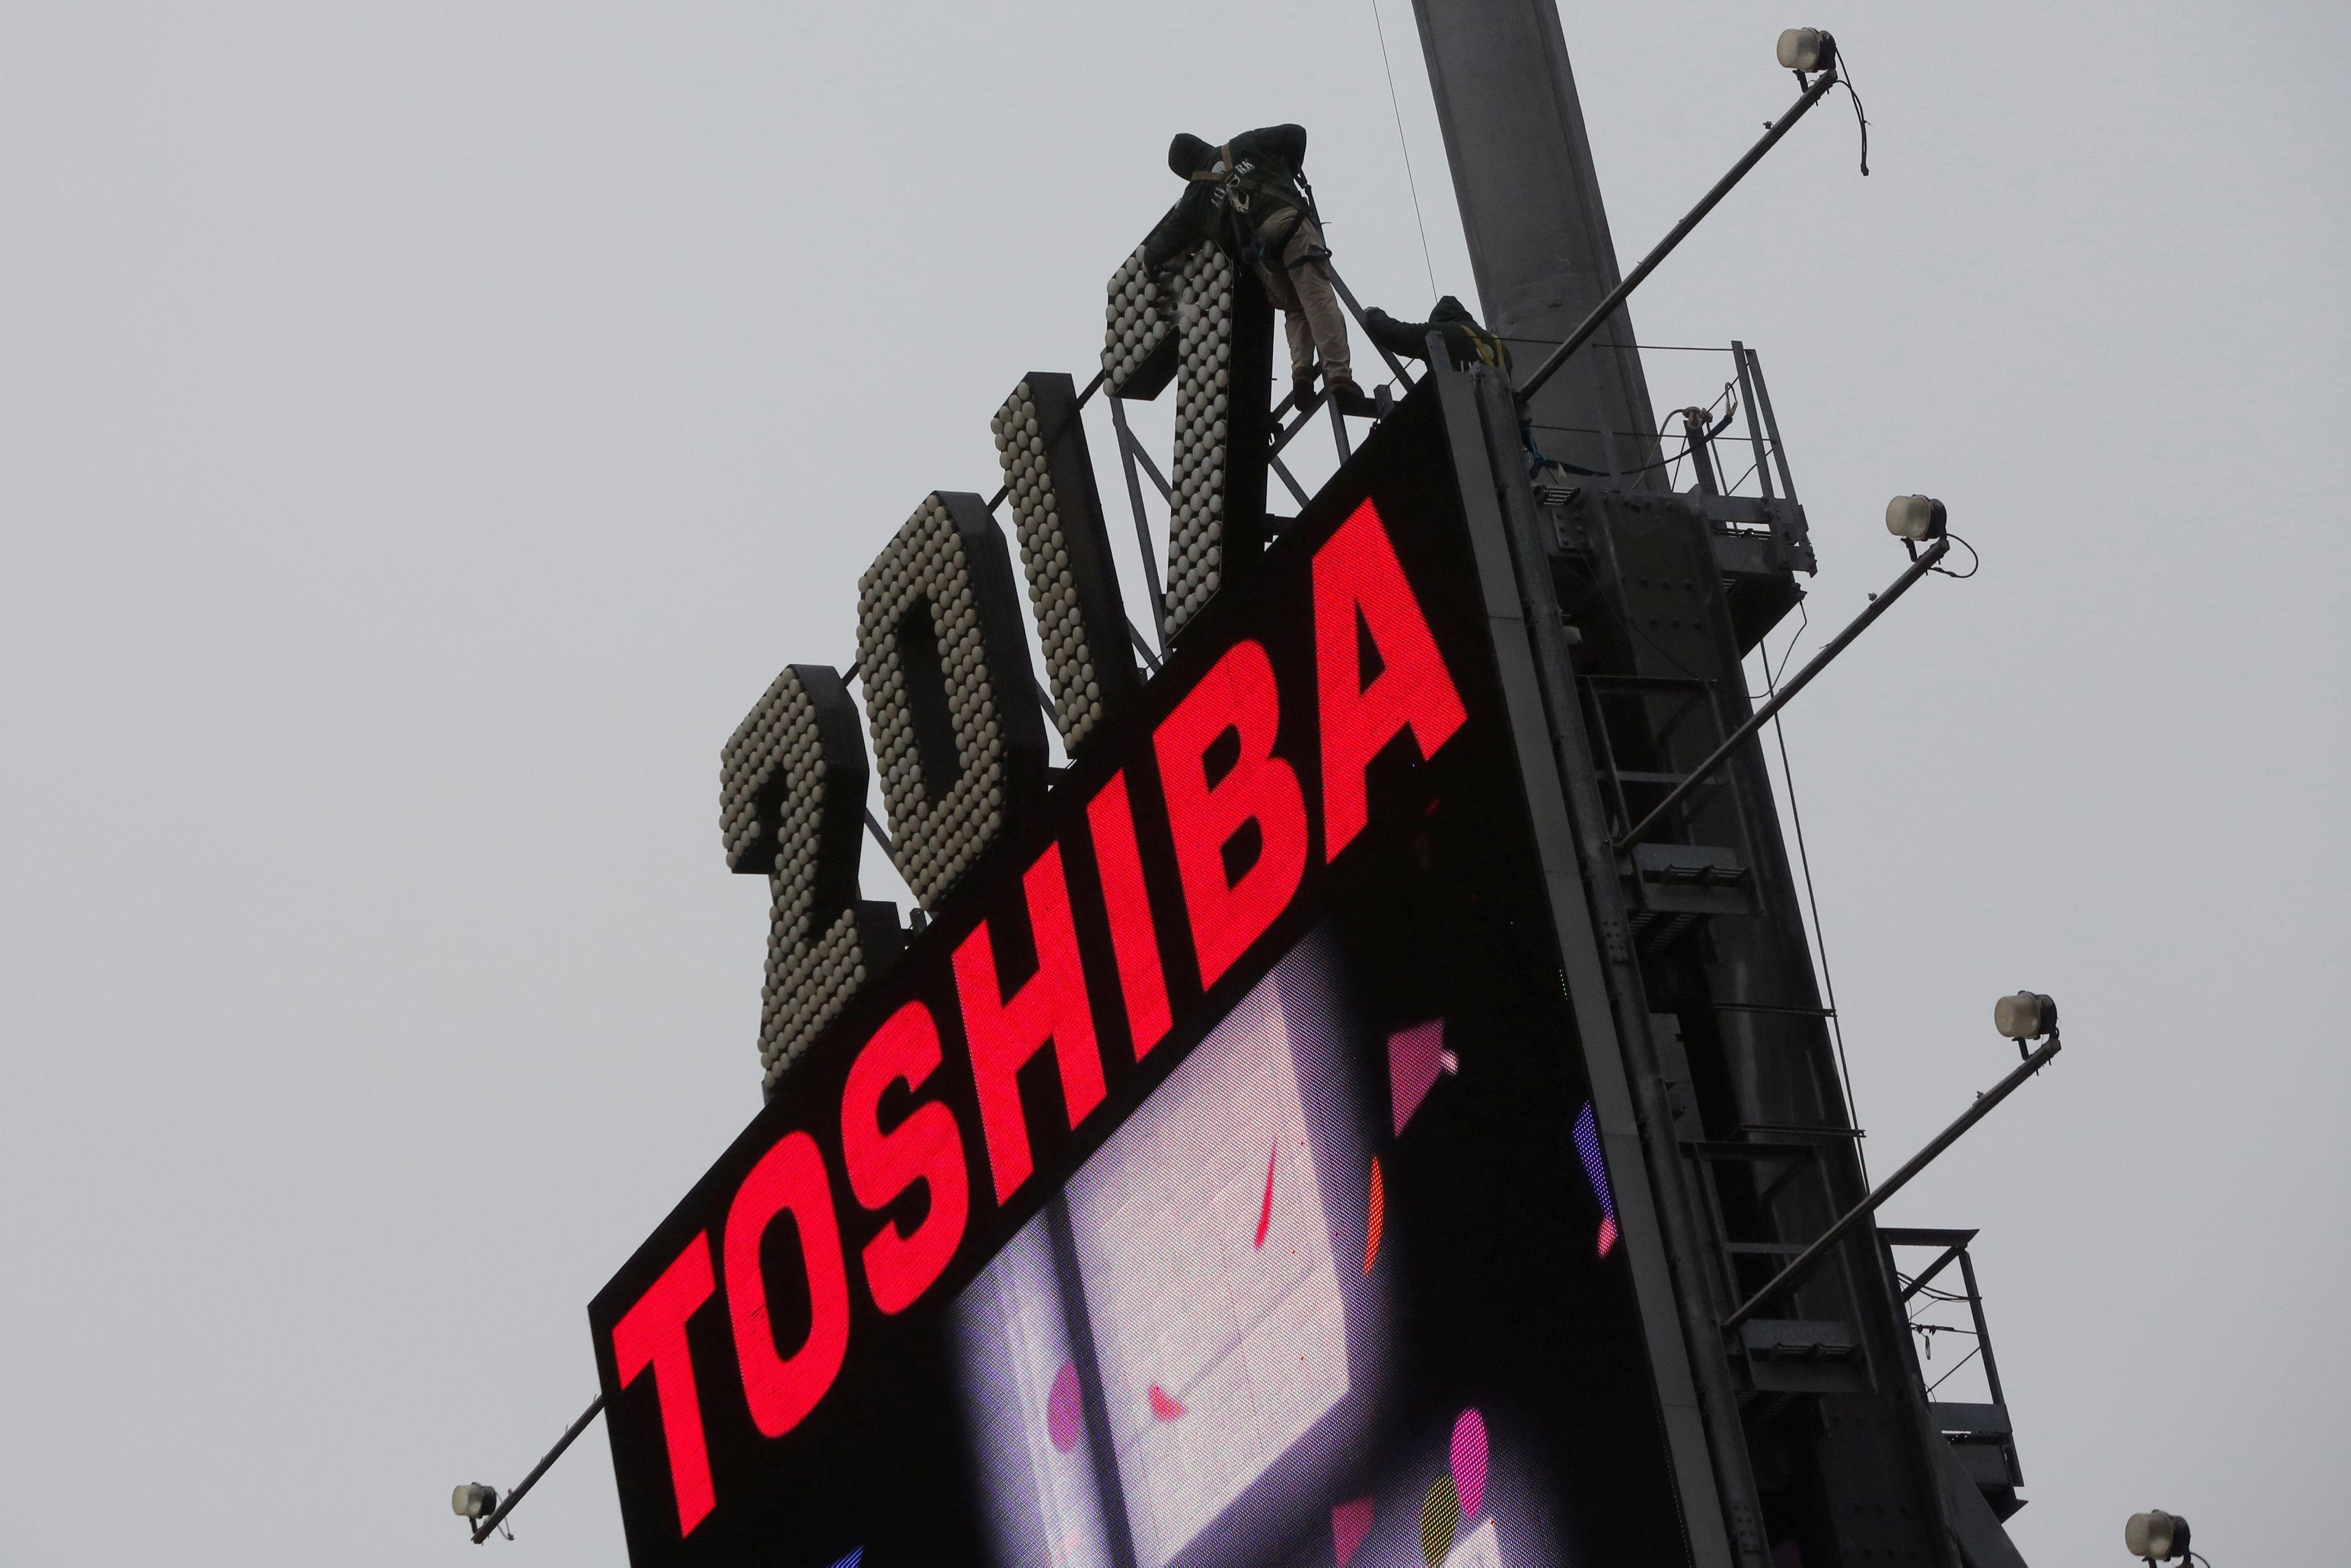 Toshiba pierde 6,600 mdd de valor de mercado